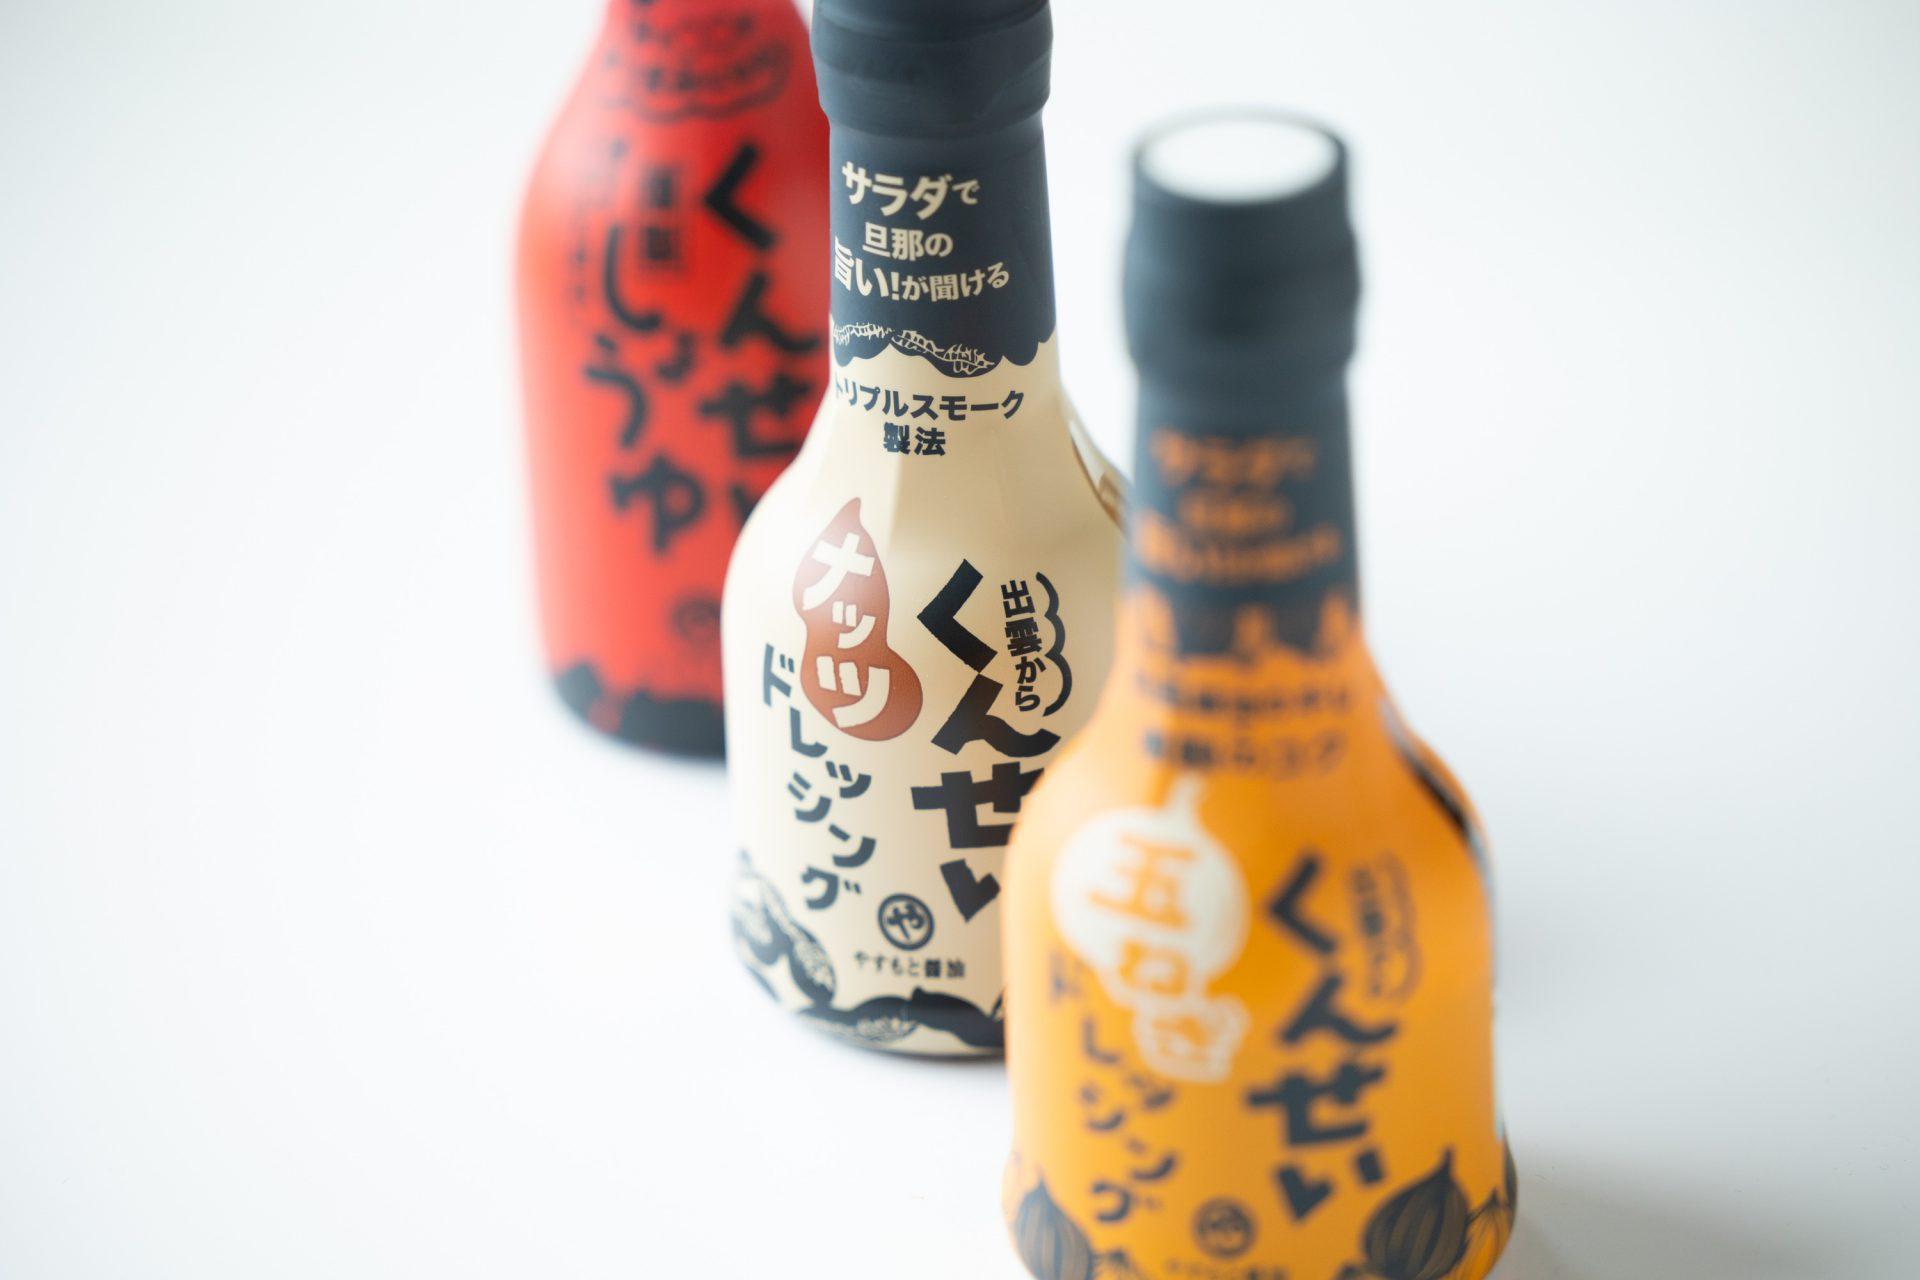 燻製醤油シリーズ